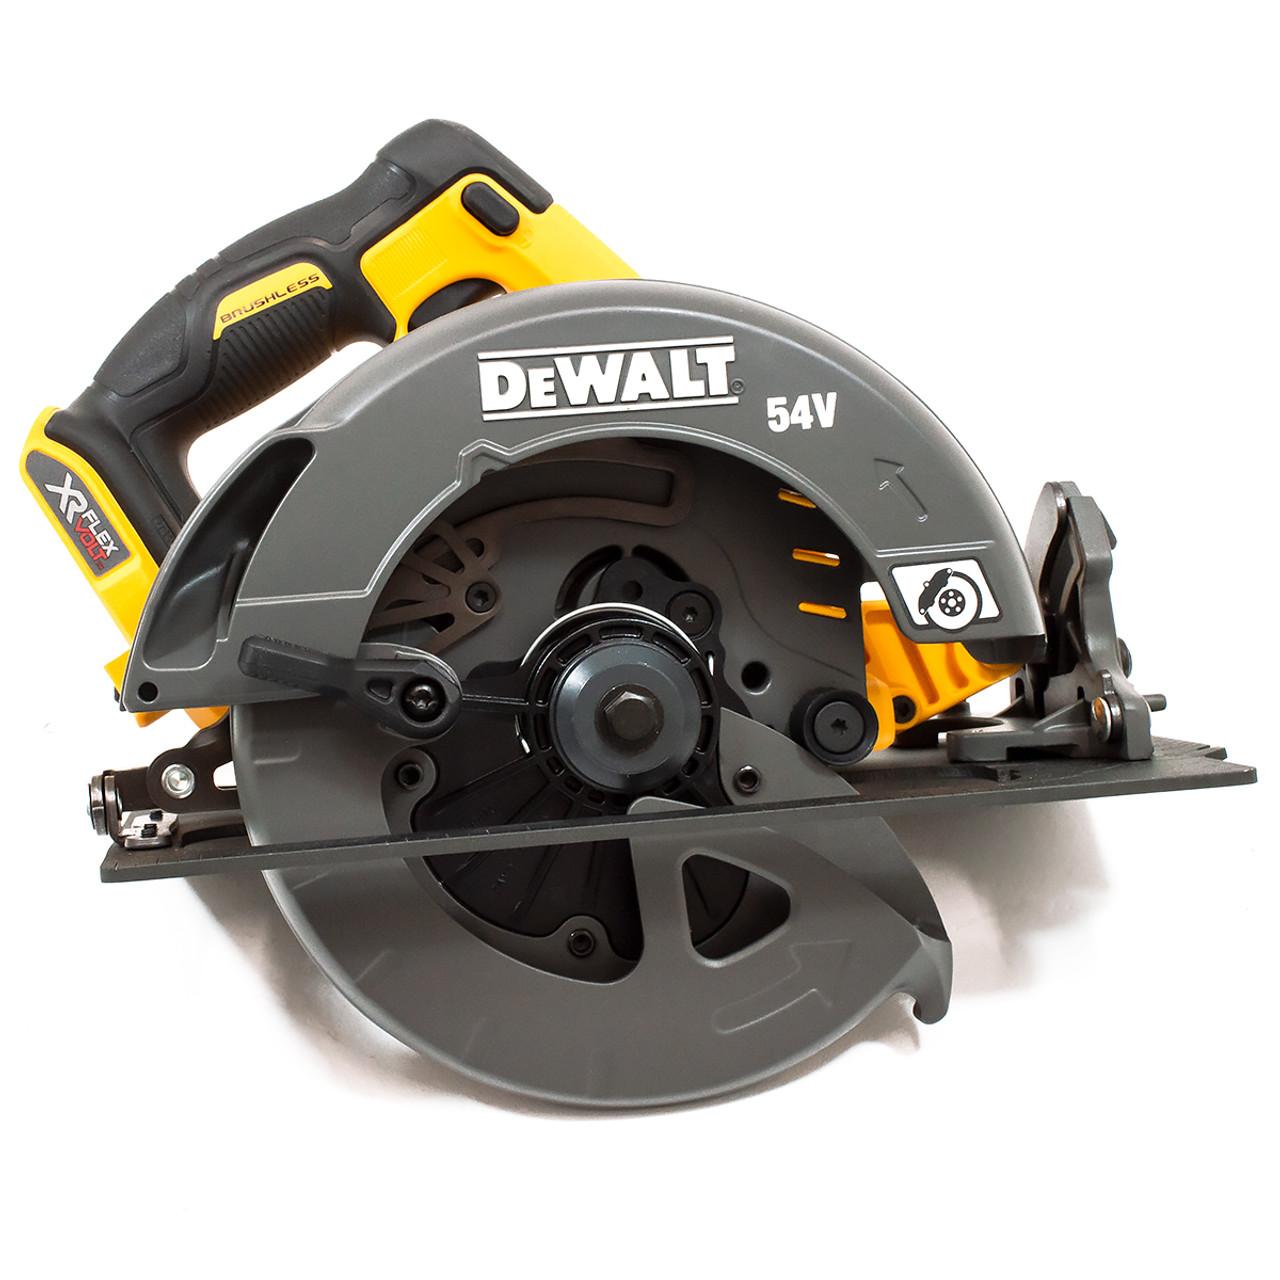 DeWalt DCS575N 190mm Flexvolt Circular Saw 54V (Body Only